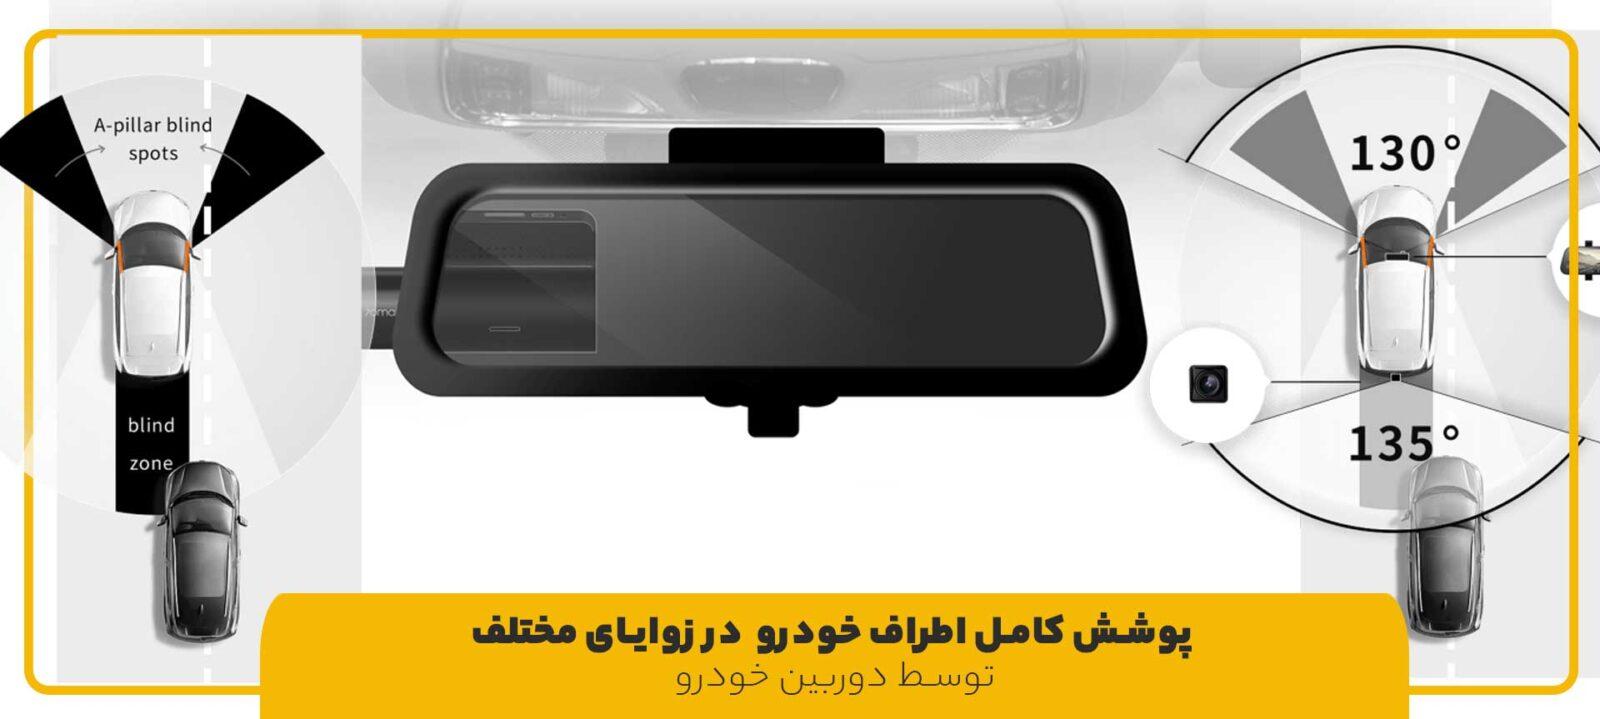 عملکرد-دوربین-خودرو-ثبت-وقایع